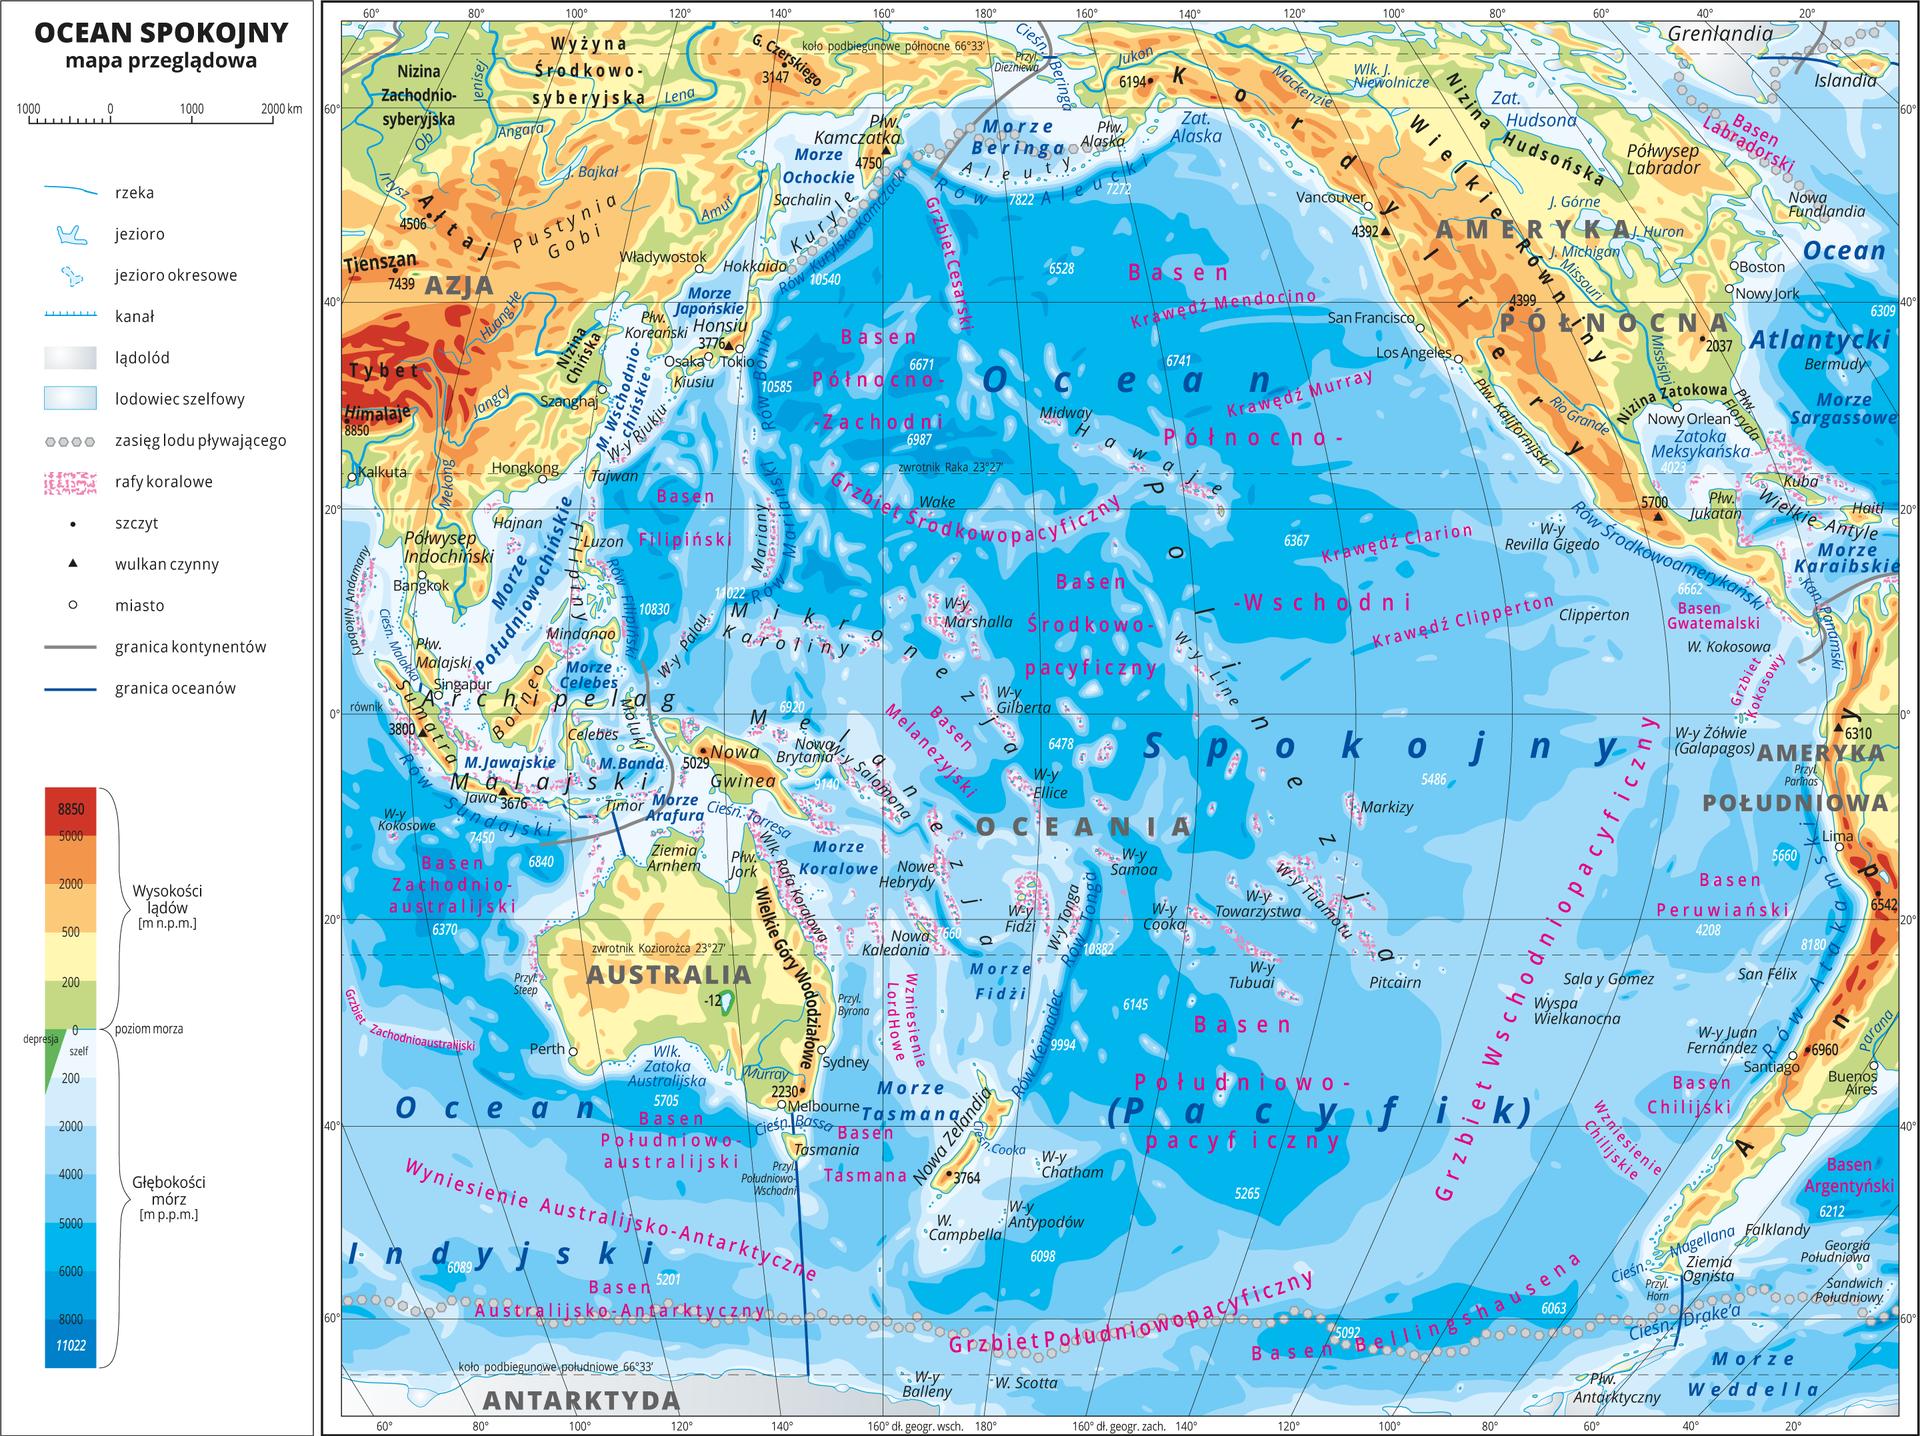 Ilustracja przedstawia mapę Oceanu Spokojnego. Wobrębie lądów występują obszary wkolorze zielonym, żółtym, pomarańczowym iczerwonym. Morza zaznaczono sześcioma odcieniami koloru niebieskiego iopisano głębokości. Ciemniejszy kolor oznacza większą głębokość. Wobrębie wód przeprowadzono granice między oceanami. Na mapie opisano nazwy kontynentów, wysp, głównych pasm górskich, morza izatoki. Oznaczono iopisano największe miasta. Mapa pokryta jest równoleżnikami ipołudnikami. Dookoła mapy wbiałej ramce opisano współrzędne geograficzne co dwadzieścia stopni. Wlegendzie umieszczono iopisano znaki użyte na mapie.